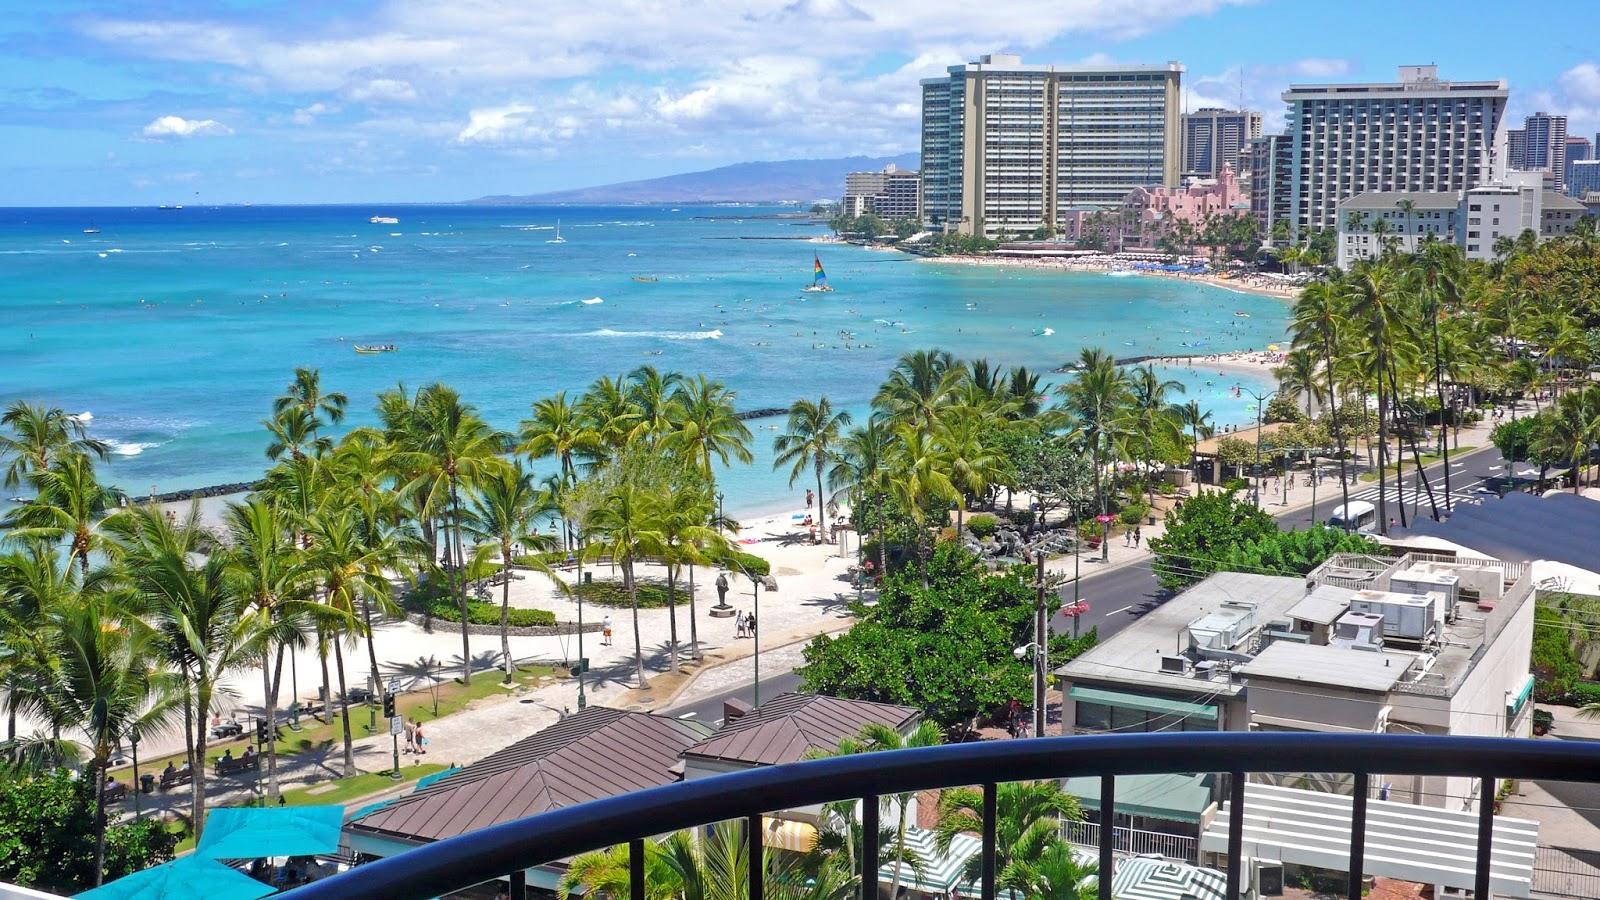 Hasil gambar untuk Hawaii, Amerika Serikat hd